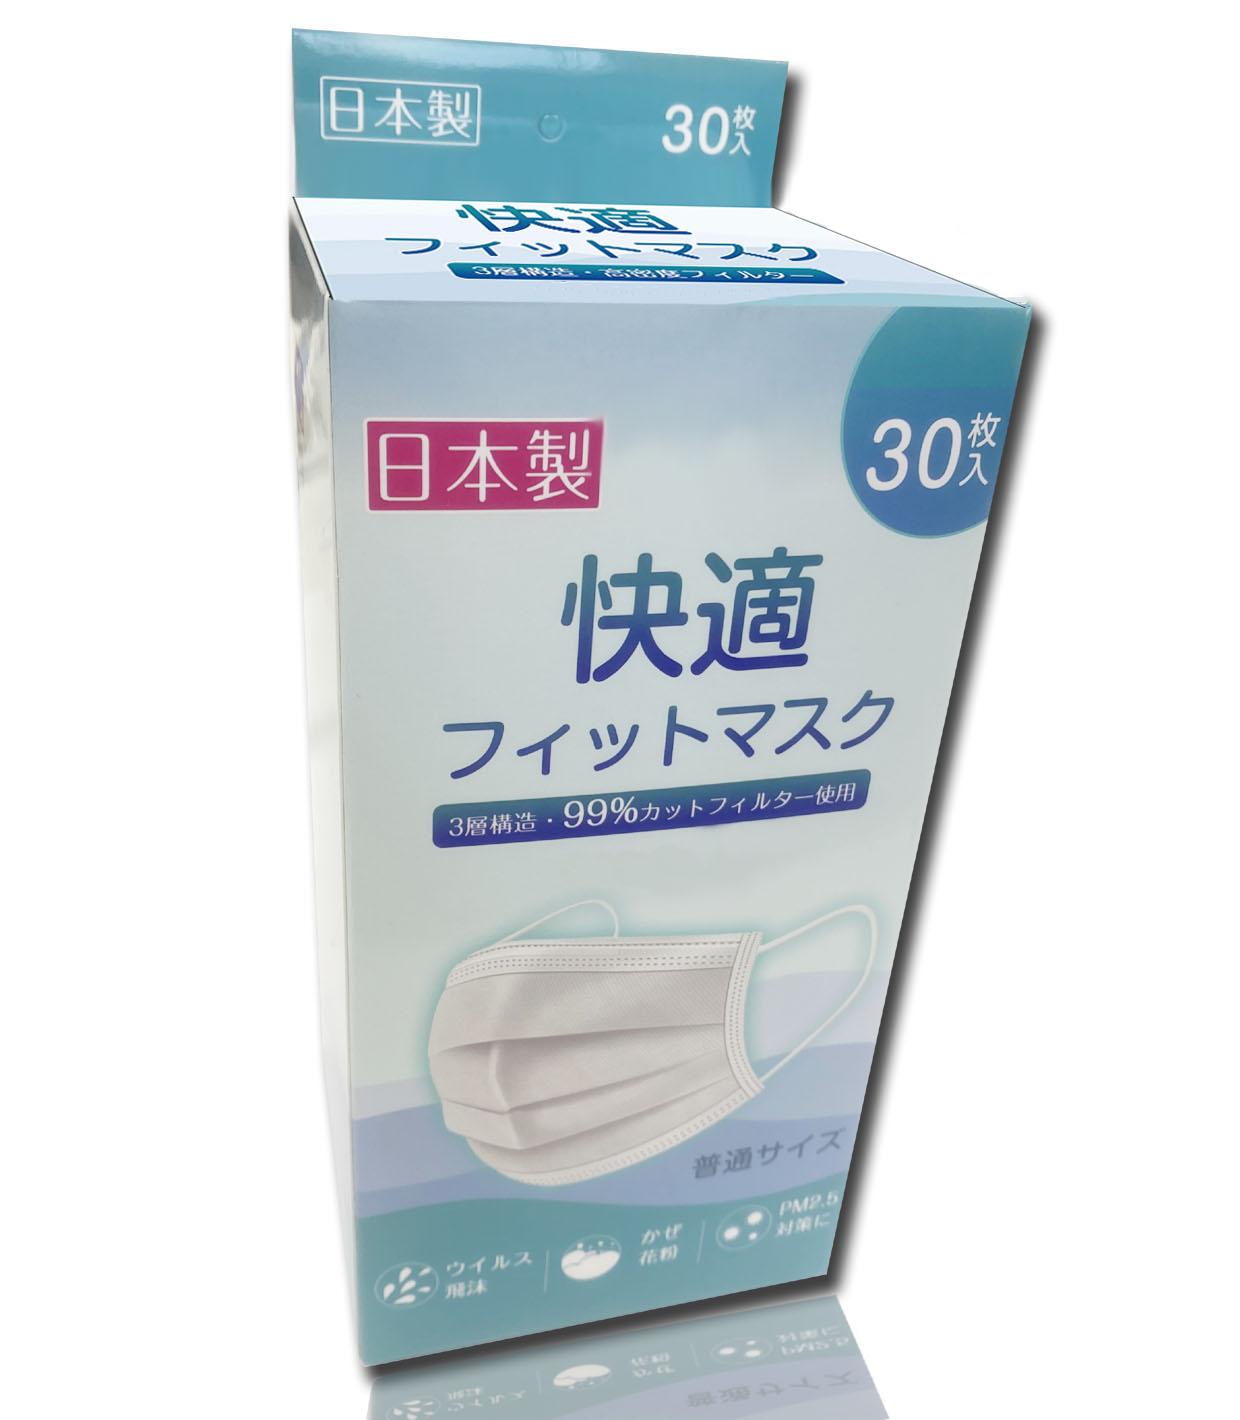 「日本製」「送料無料」平ゴム採用 30枚入 三層構造快適フィットマスク1/4~工場直送